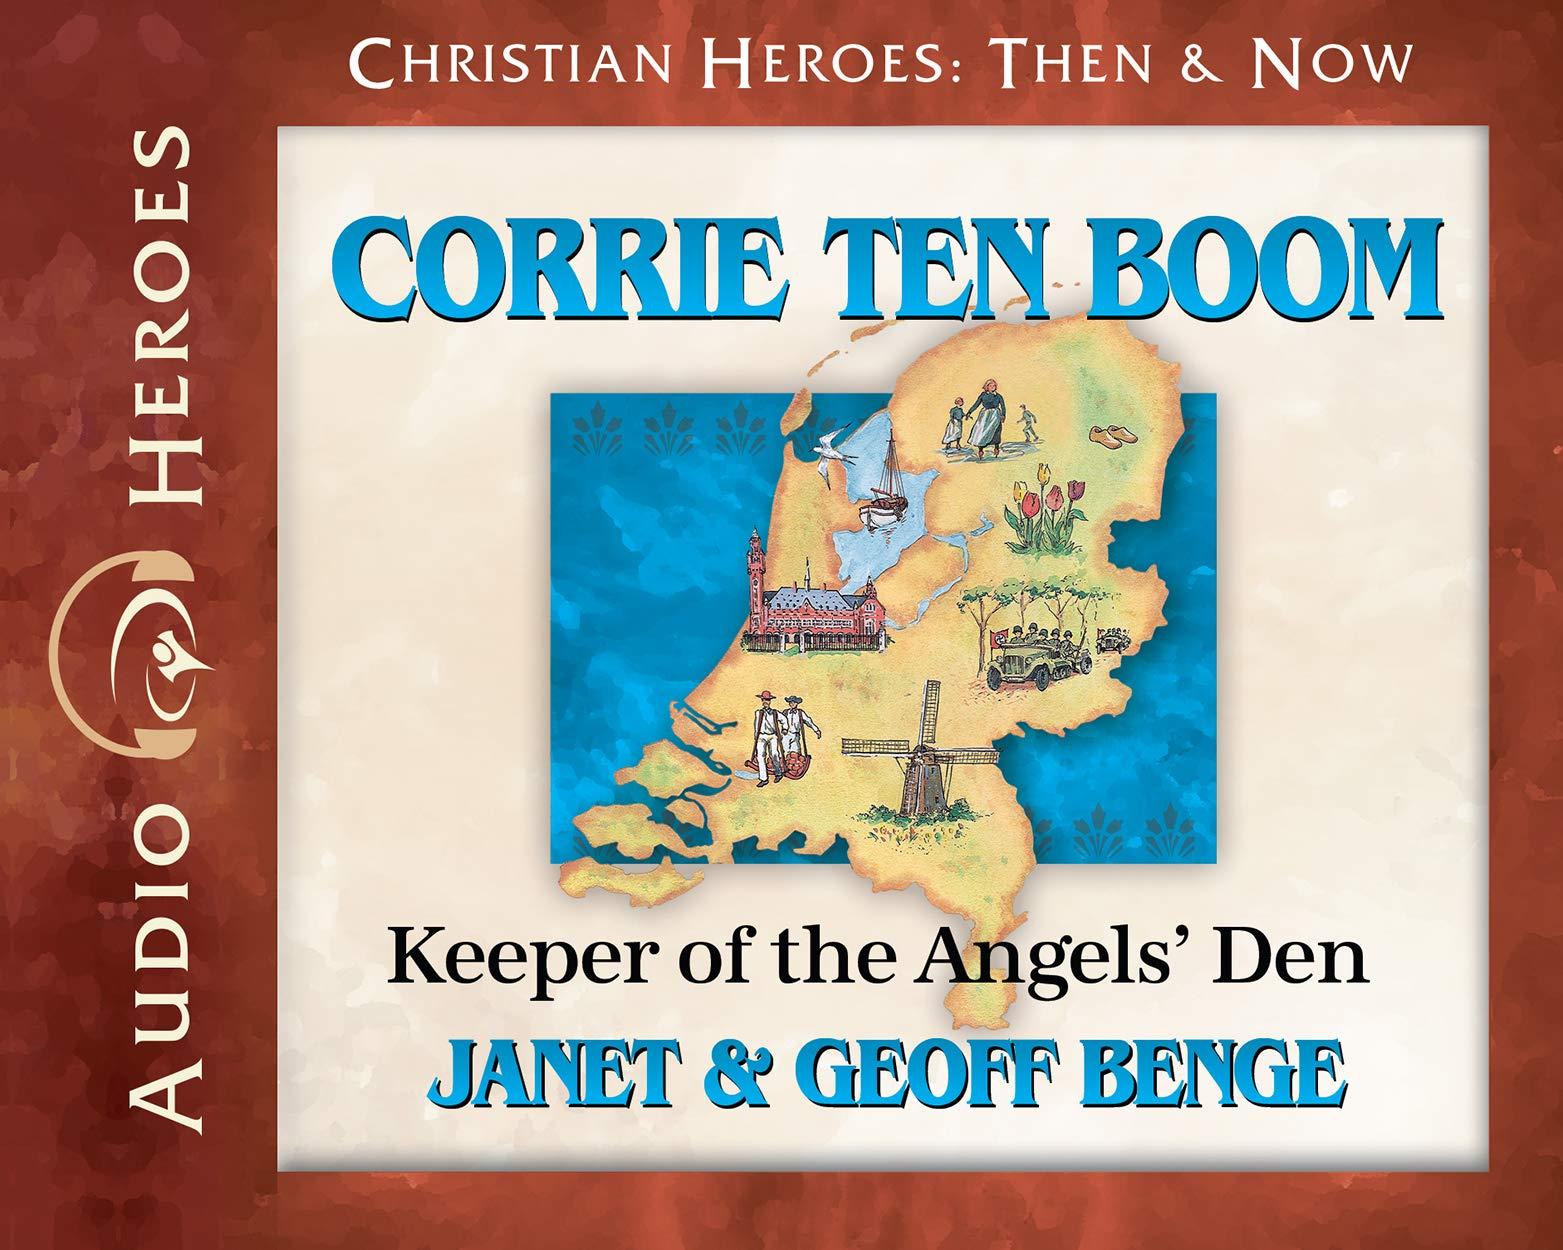 Corrie ten Boom Audiobook: Keeper of the Angels' Den (Christian Heroes: Then & Now)